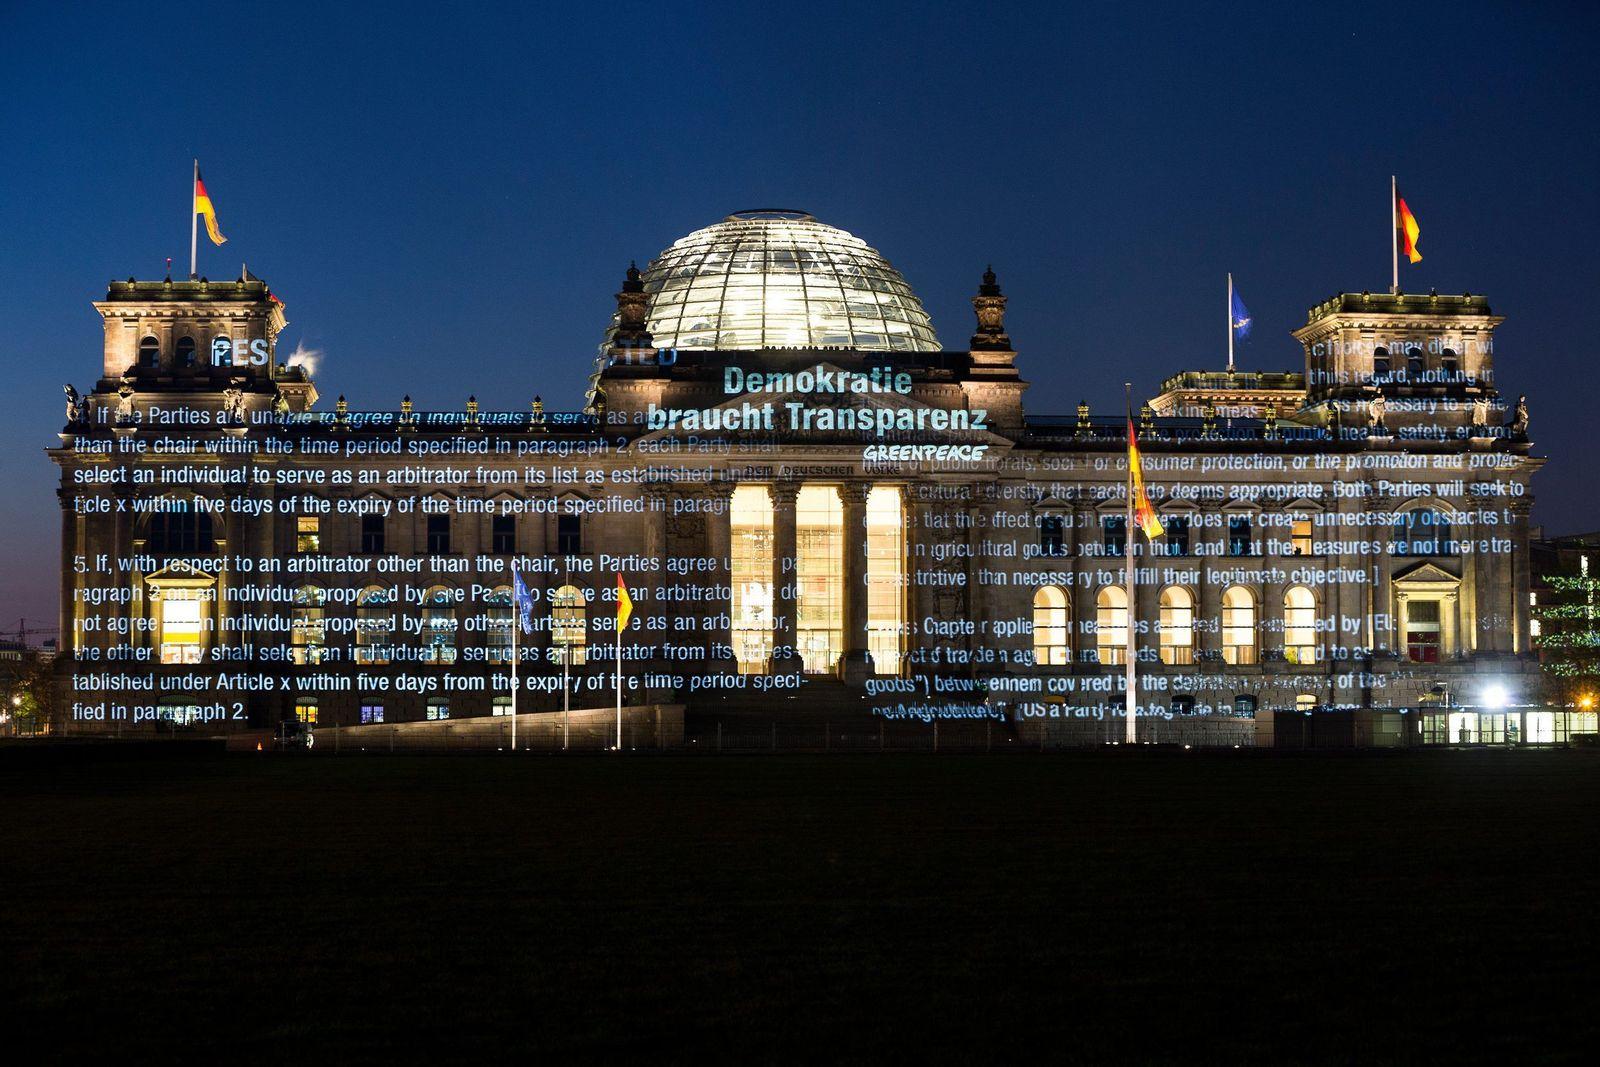 EINMALIGE VERWENDUNG TTIP/ Greenpeace/ Reichstag